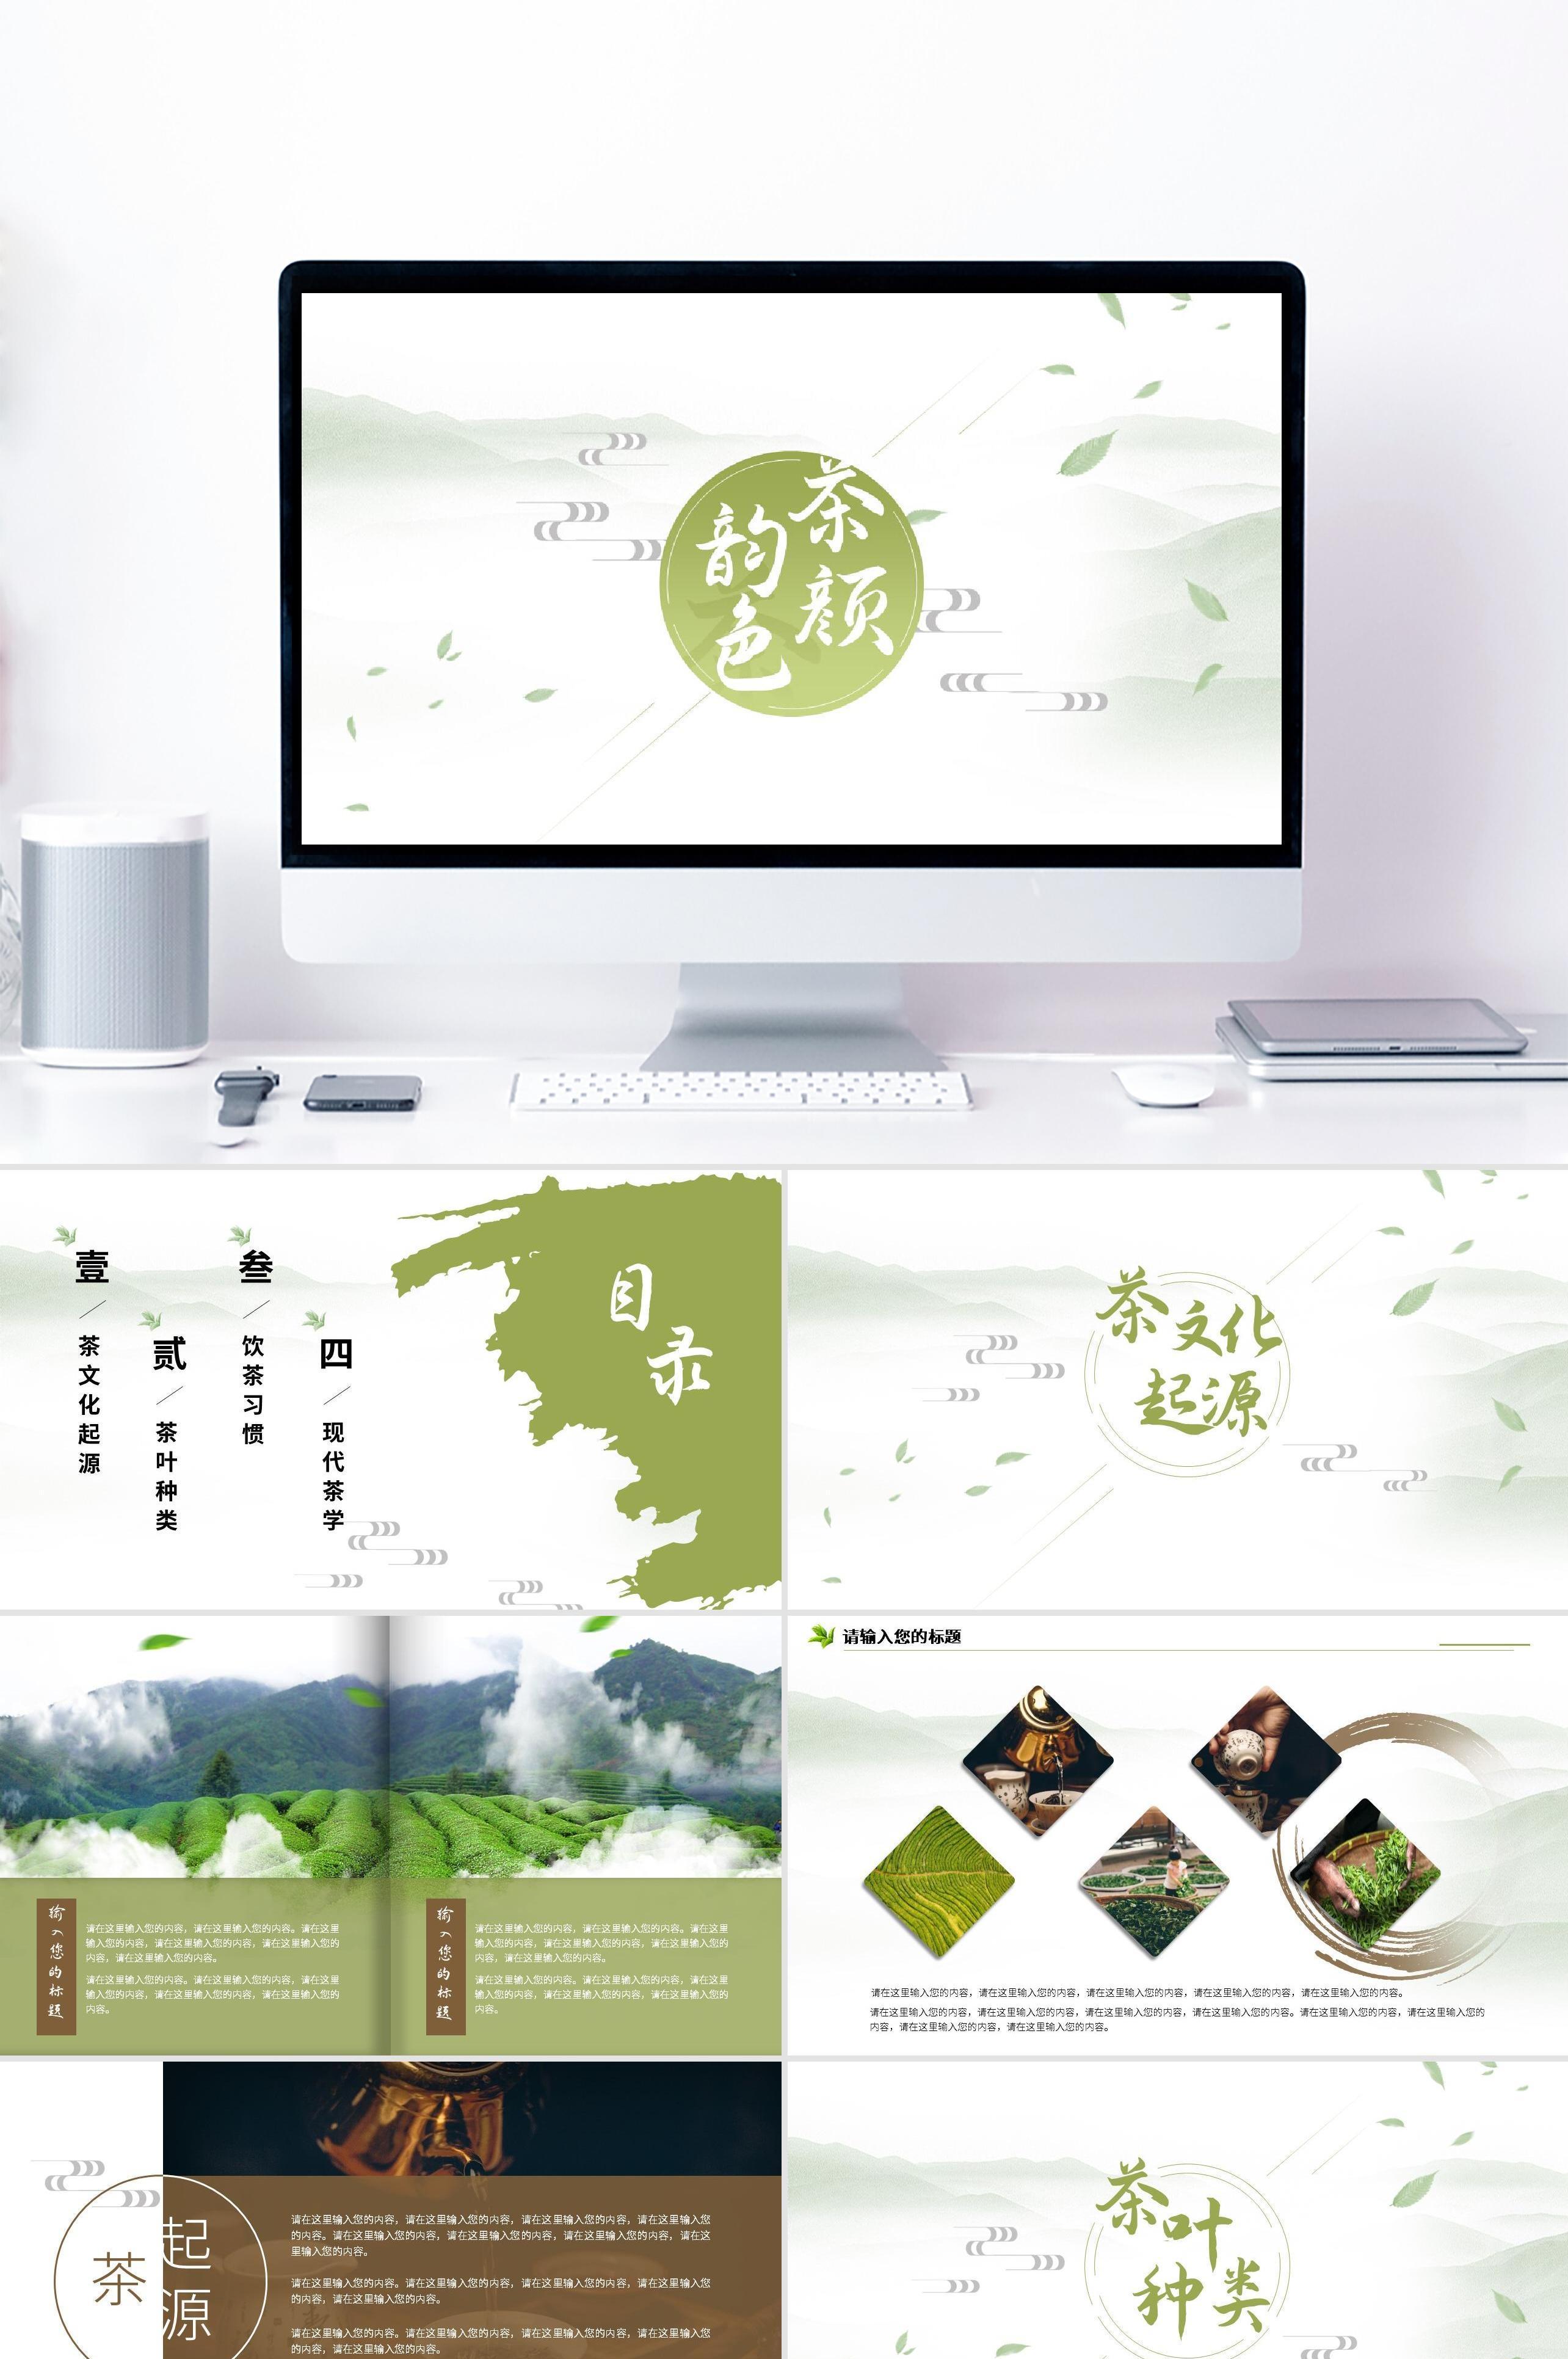 绿色中国风茶文化介绍PPT模板设计